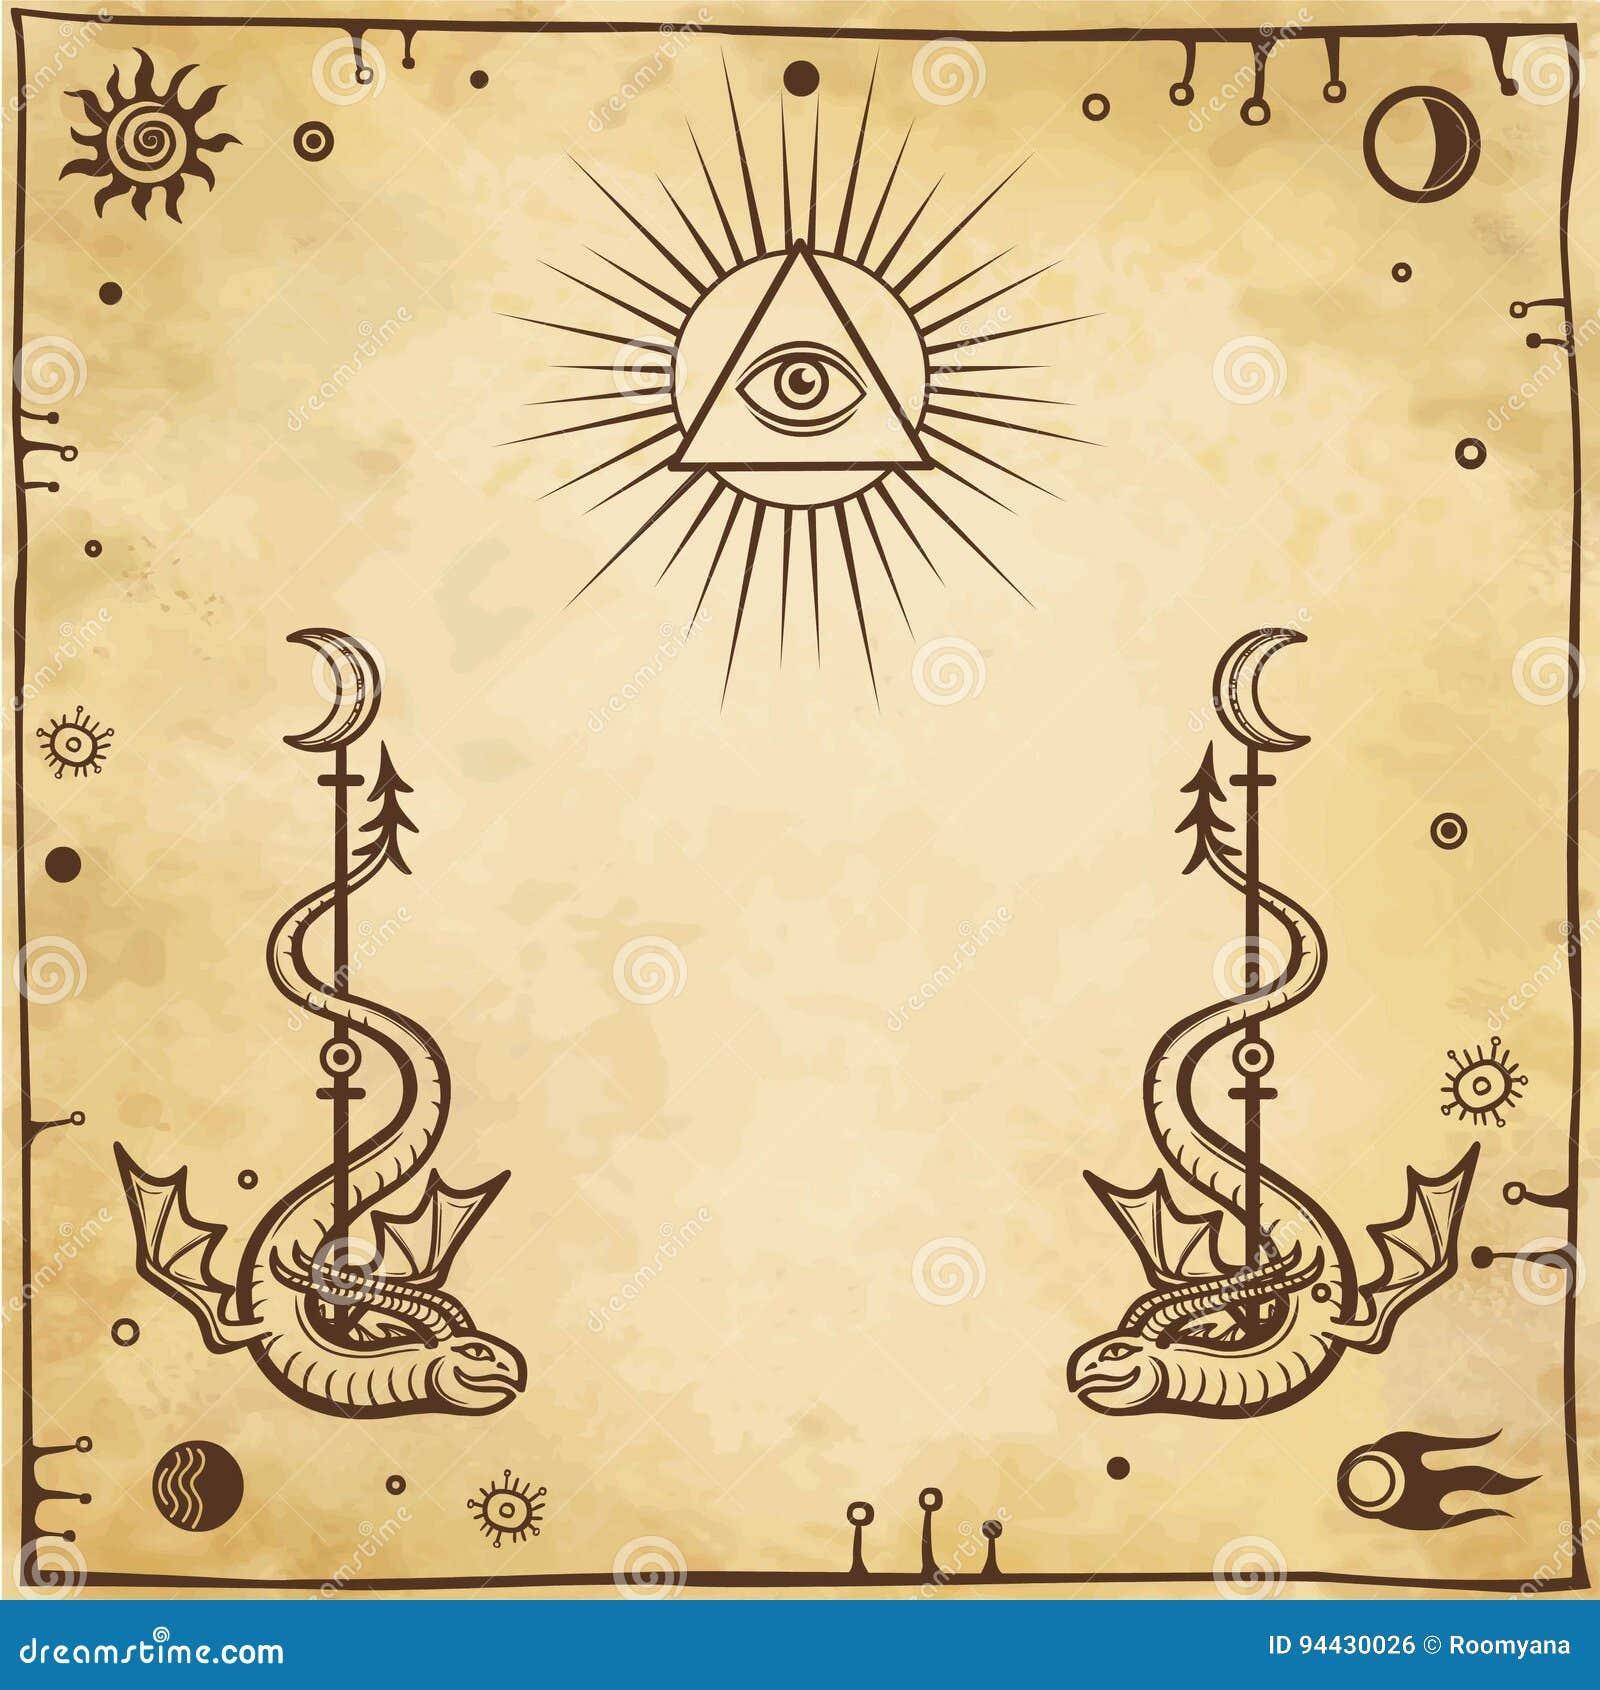 Dibujo alquímico: serpientes coas alas, todo-viendo el ojo